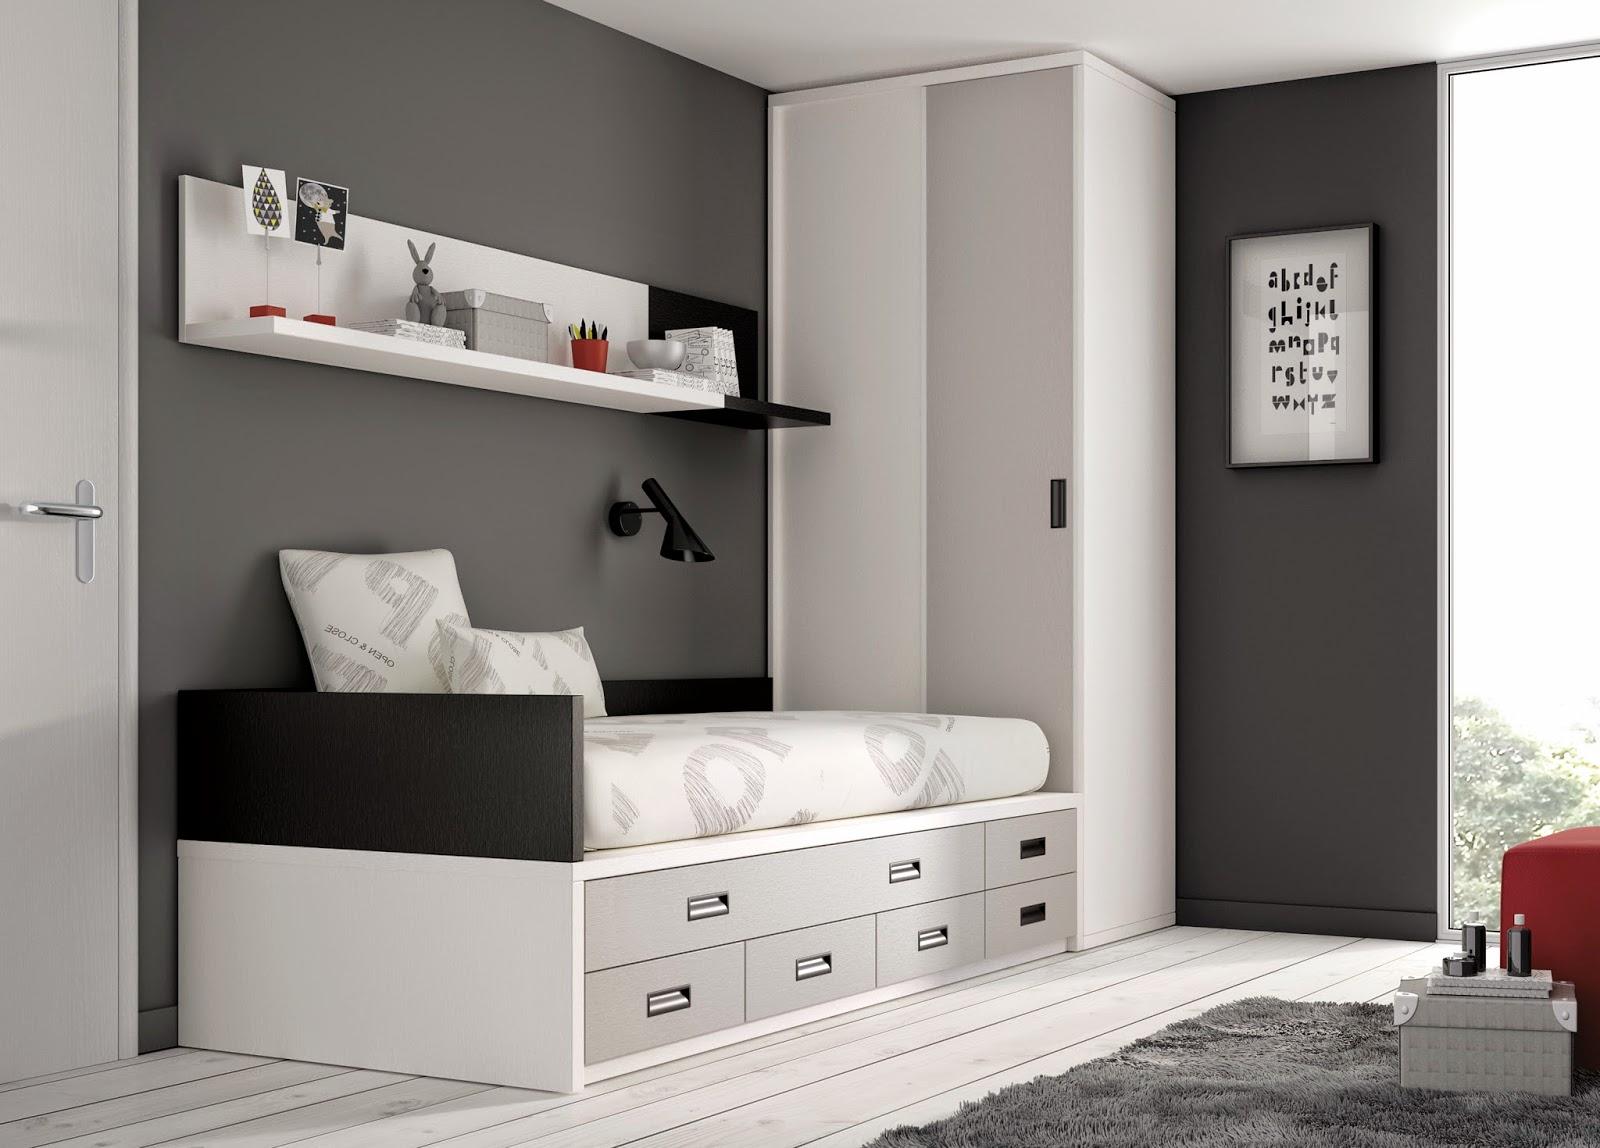 Muebles ros camas compactas las reinas de la habitaci n for Paginas para disenar habitaciones